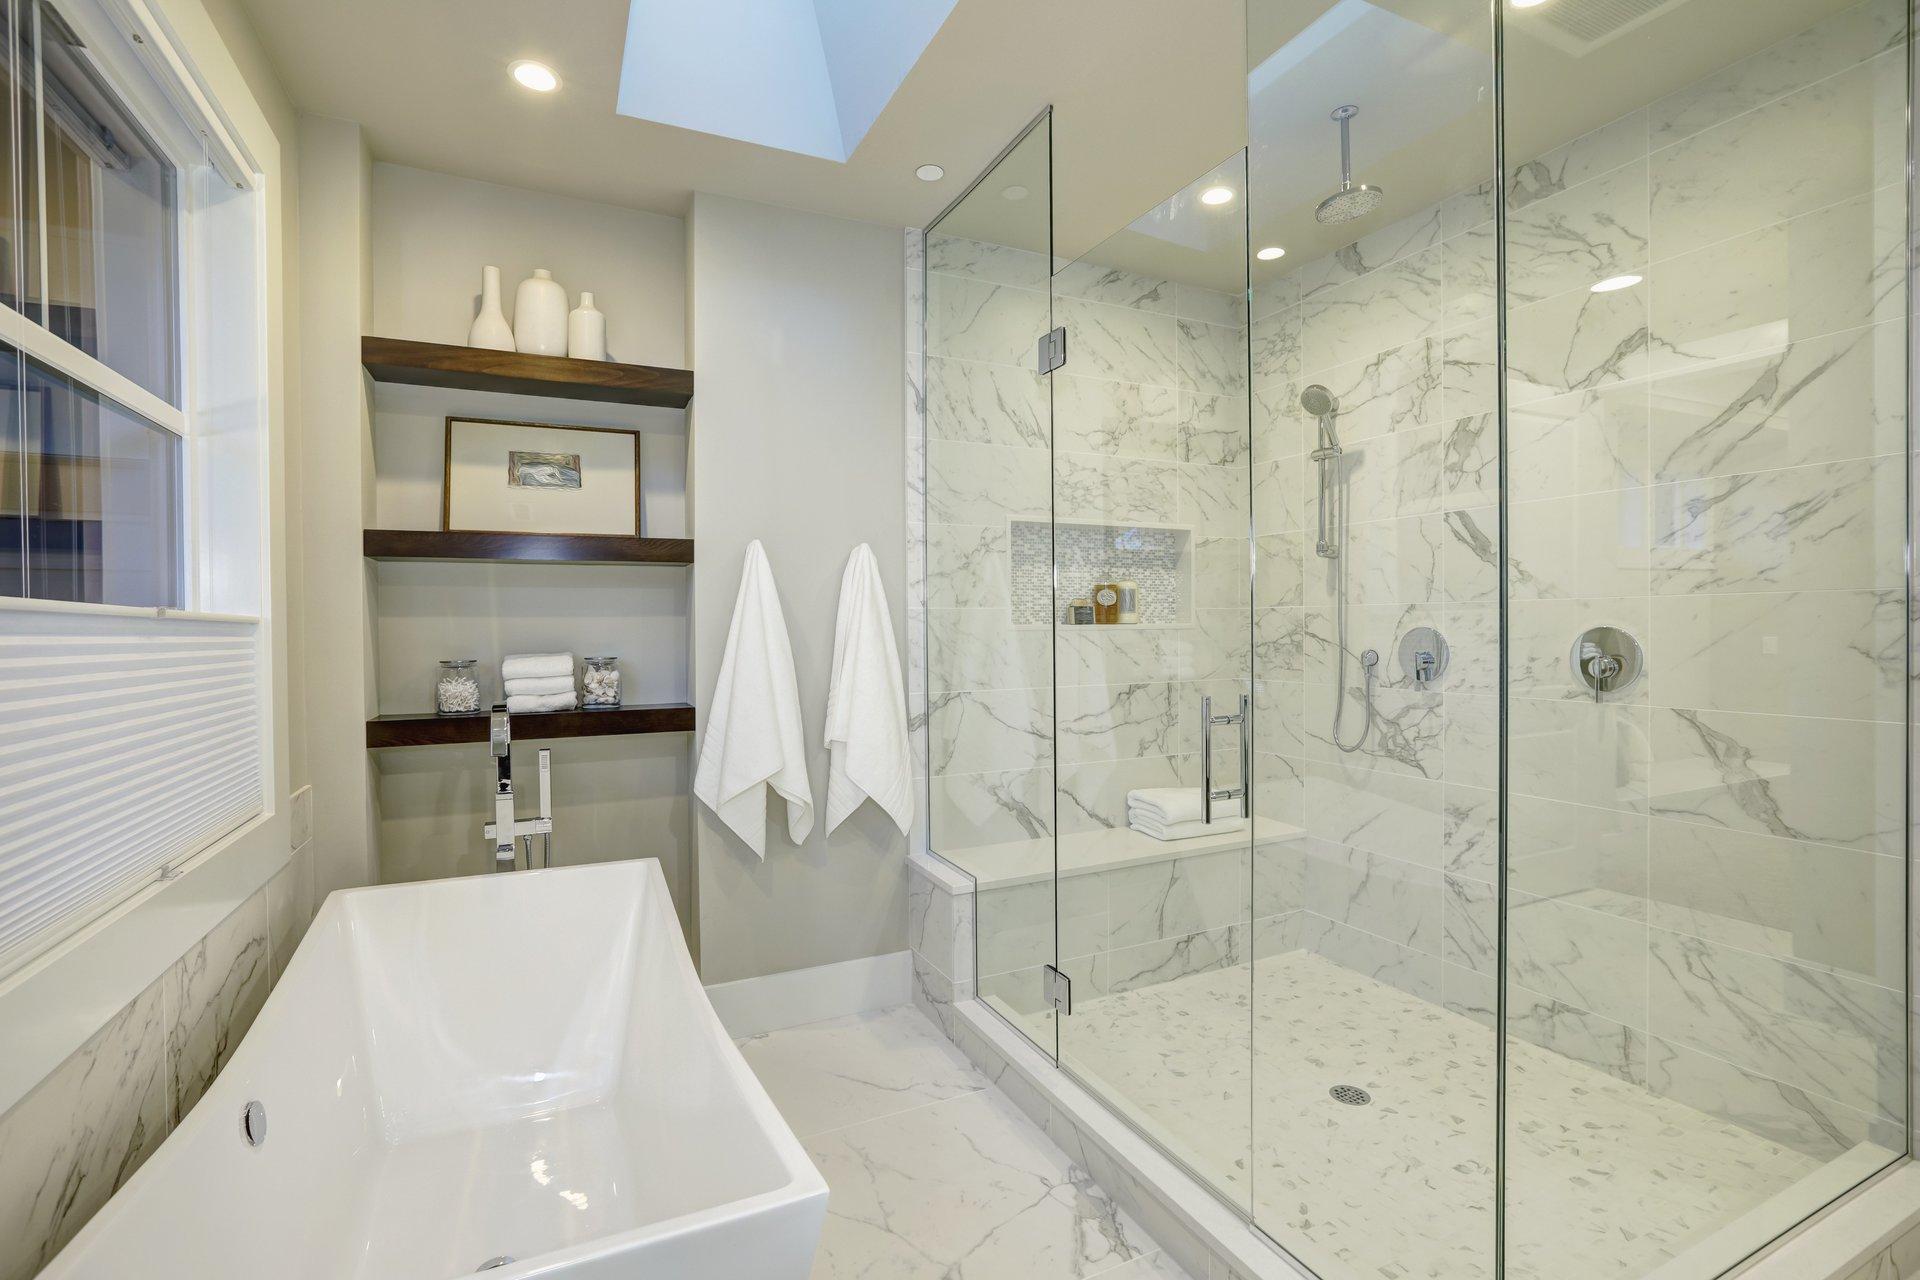 Soluzione in vetro per bagni, modello 6